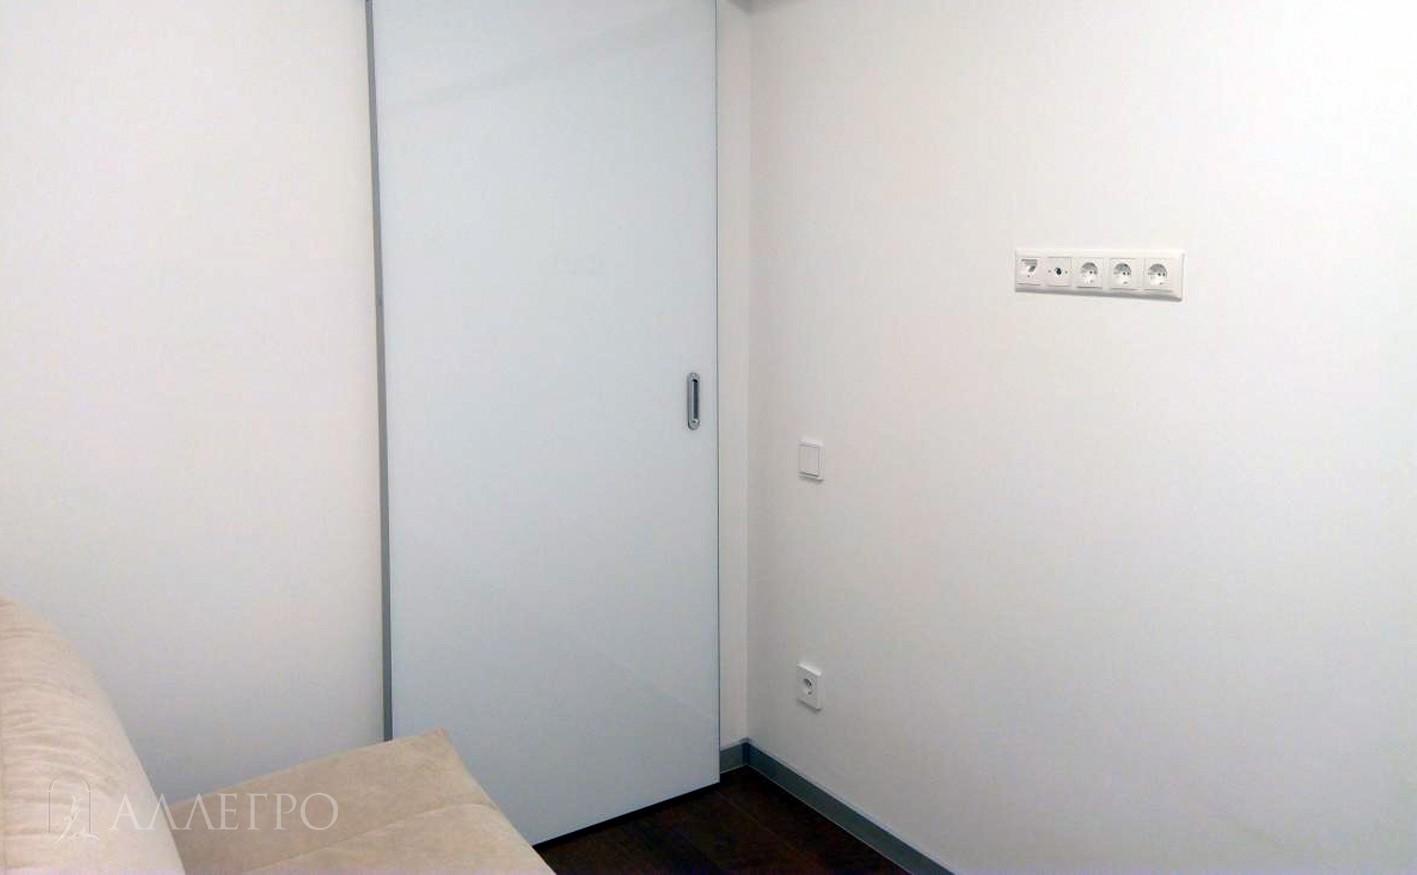 Дверь с раздвижным механизмом HIDDEN в закрытом виде